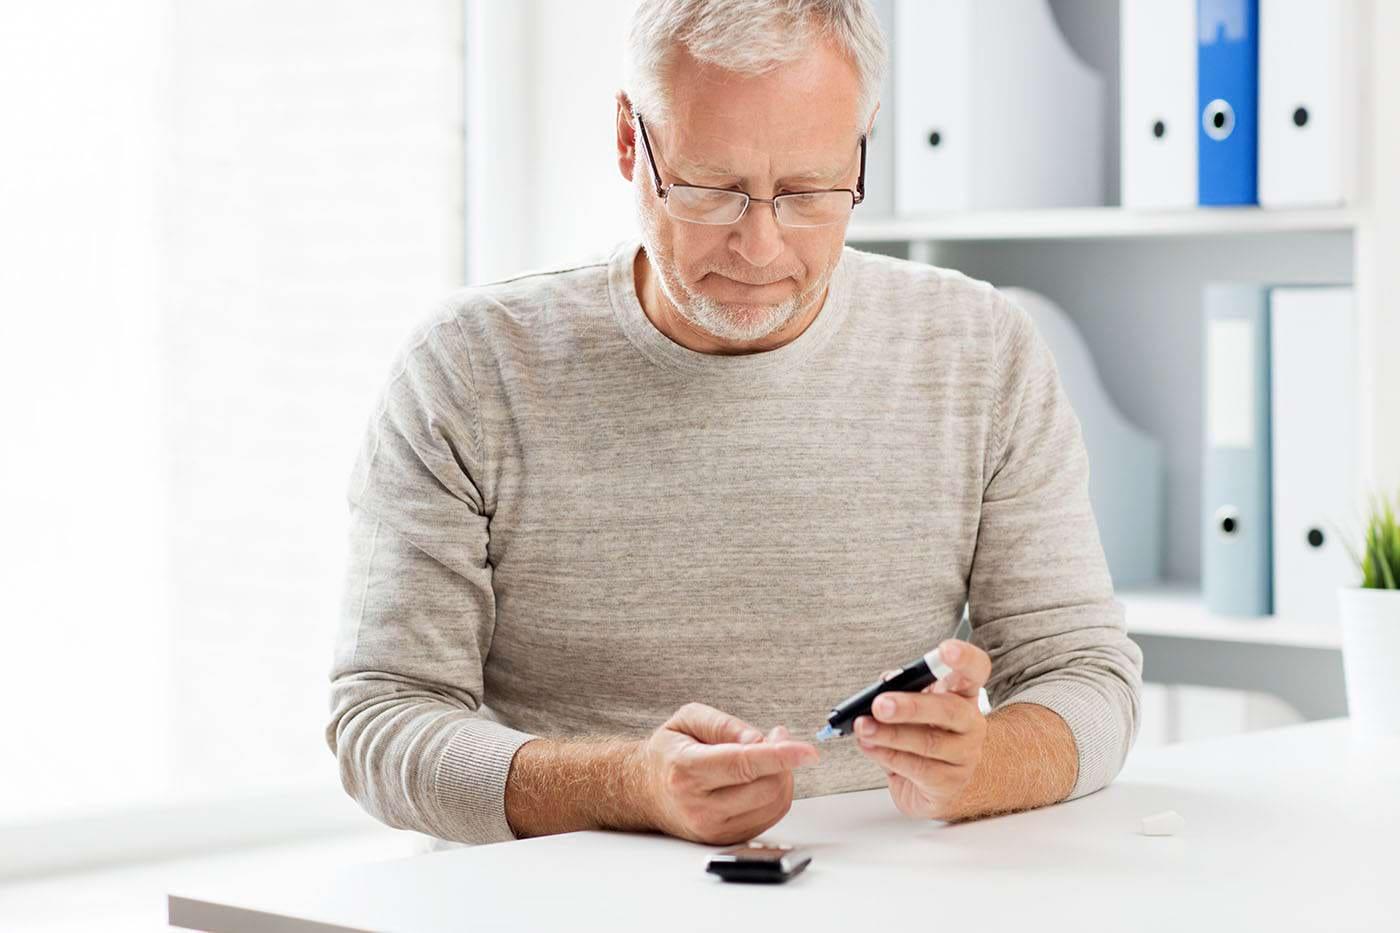 Vârstnicii diagnosticați cu prediabet au un risc mai mic de a dezvolta boala [studiu]